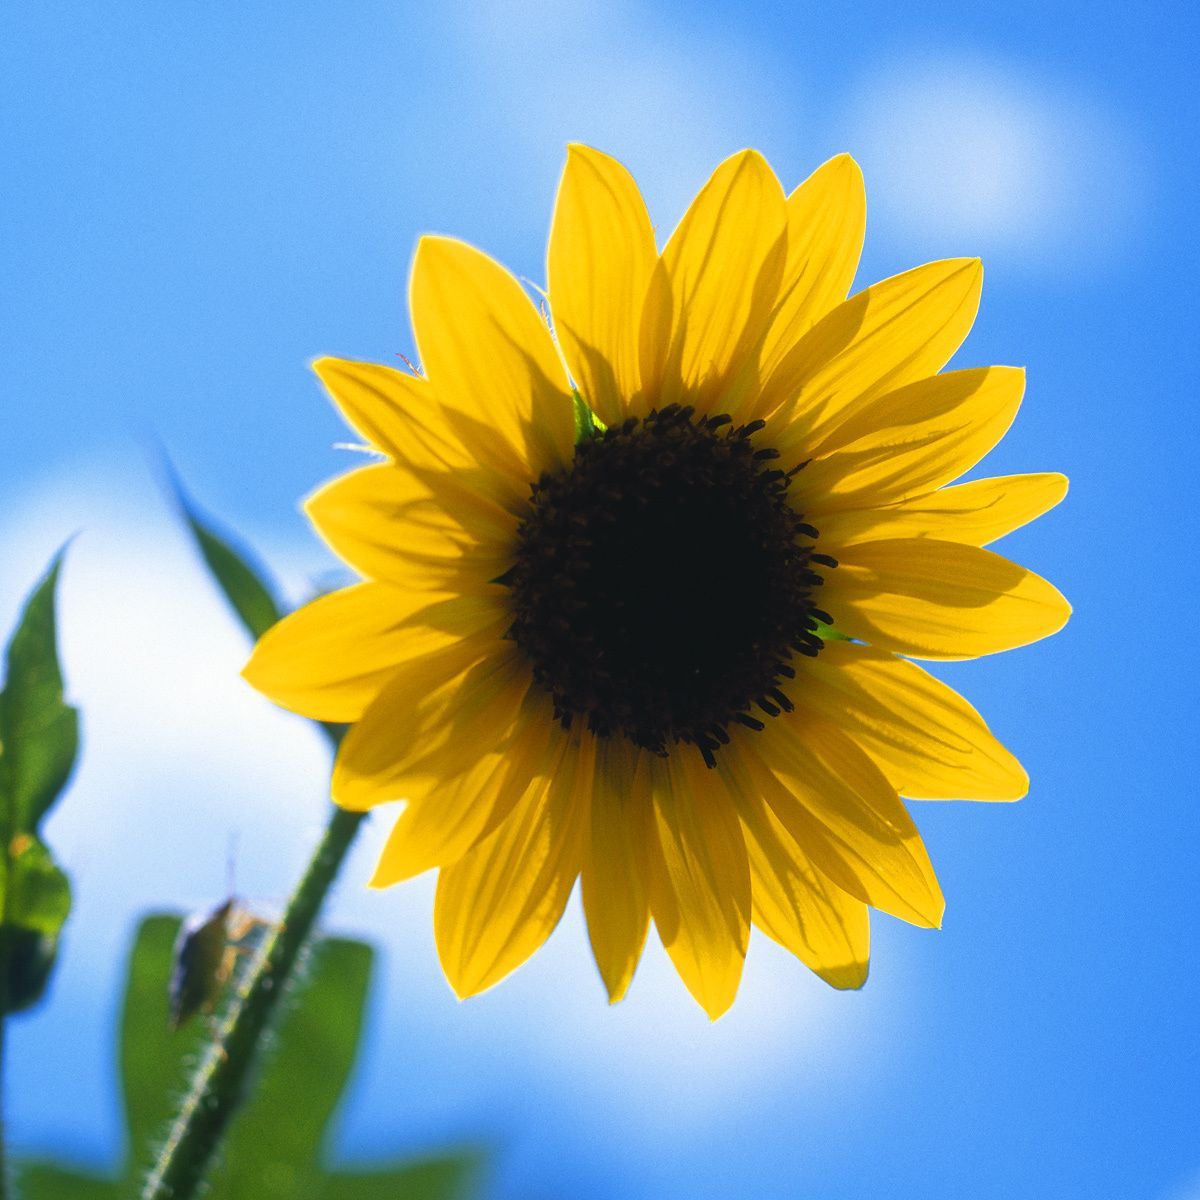 1sunflower.jpg